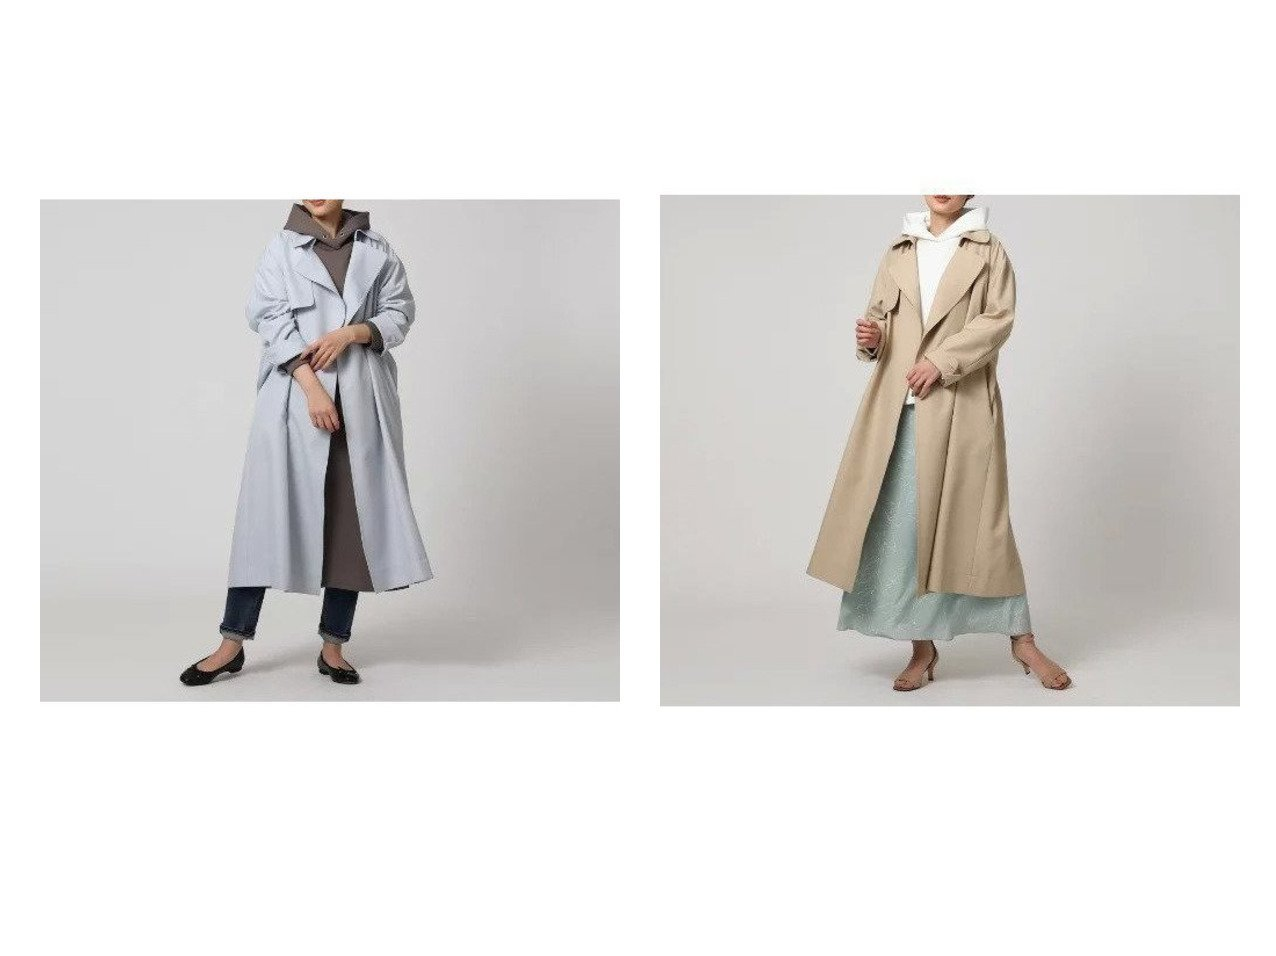 【UNTITLED/FAIRY SHADE/フェアリー シェード】のボタンレストレンチコート アウターのおすすめ!人気、トレンド・レディースファッションの通販 おすすめで人気の流行・トレンド、ファッションの通販商品 メンズファッション・キッズファッション・インテリア・家具・レディースファッション・服の通販 founy(ファニー) https://founy.com/ ファッション Fashion レディースファッション WOMEN アウター Coat Outerwear コート Coats トレンチコート Trench Coats おすすめ Recommend ギャザー パーカー ポケット ヨーク リラックス |ID:crp329100000024021